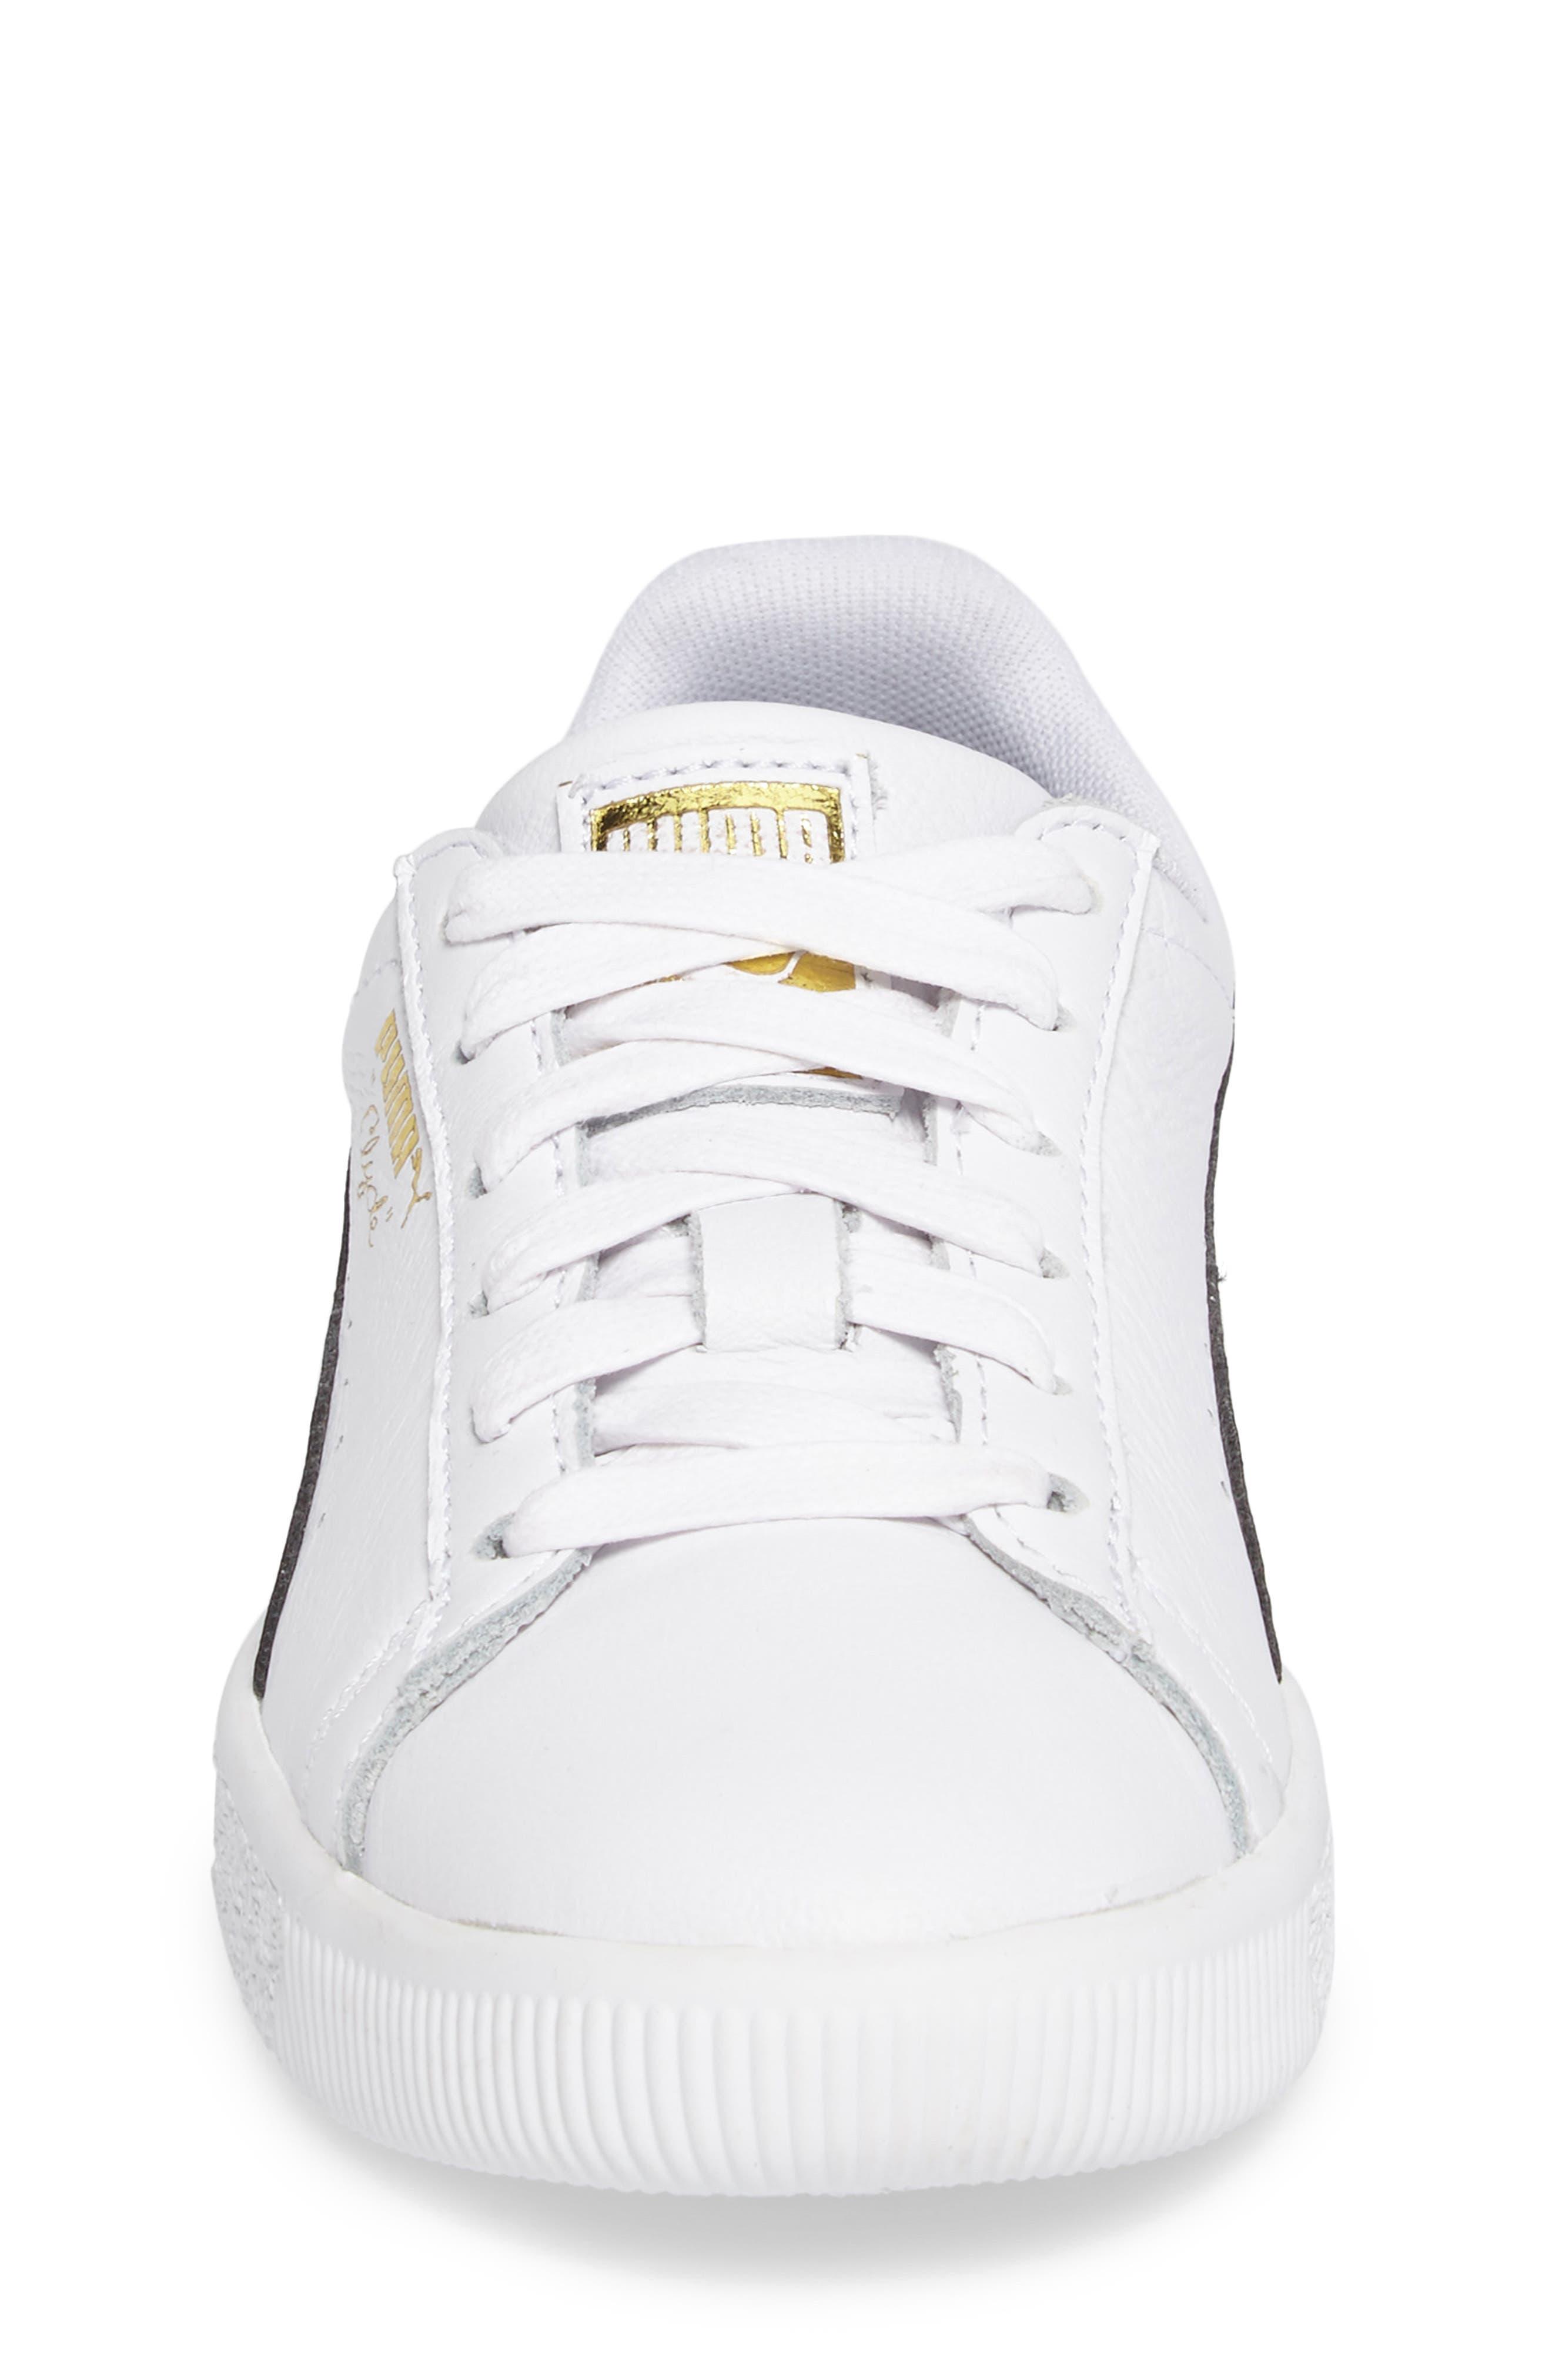 Clyde Core Foil Sneaker,                             Alternate thumbnail 21, color,